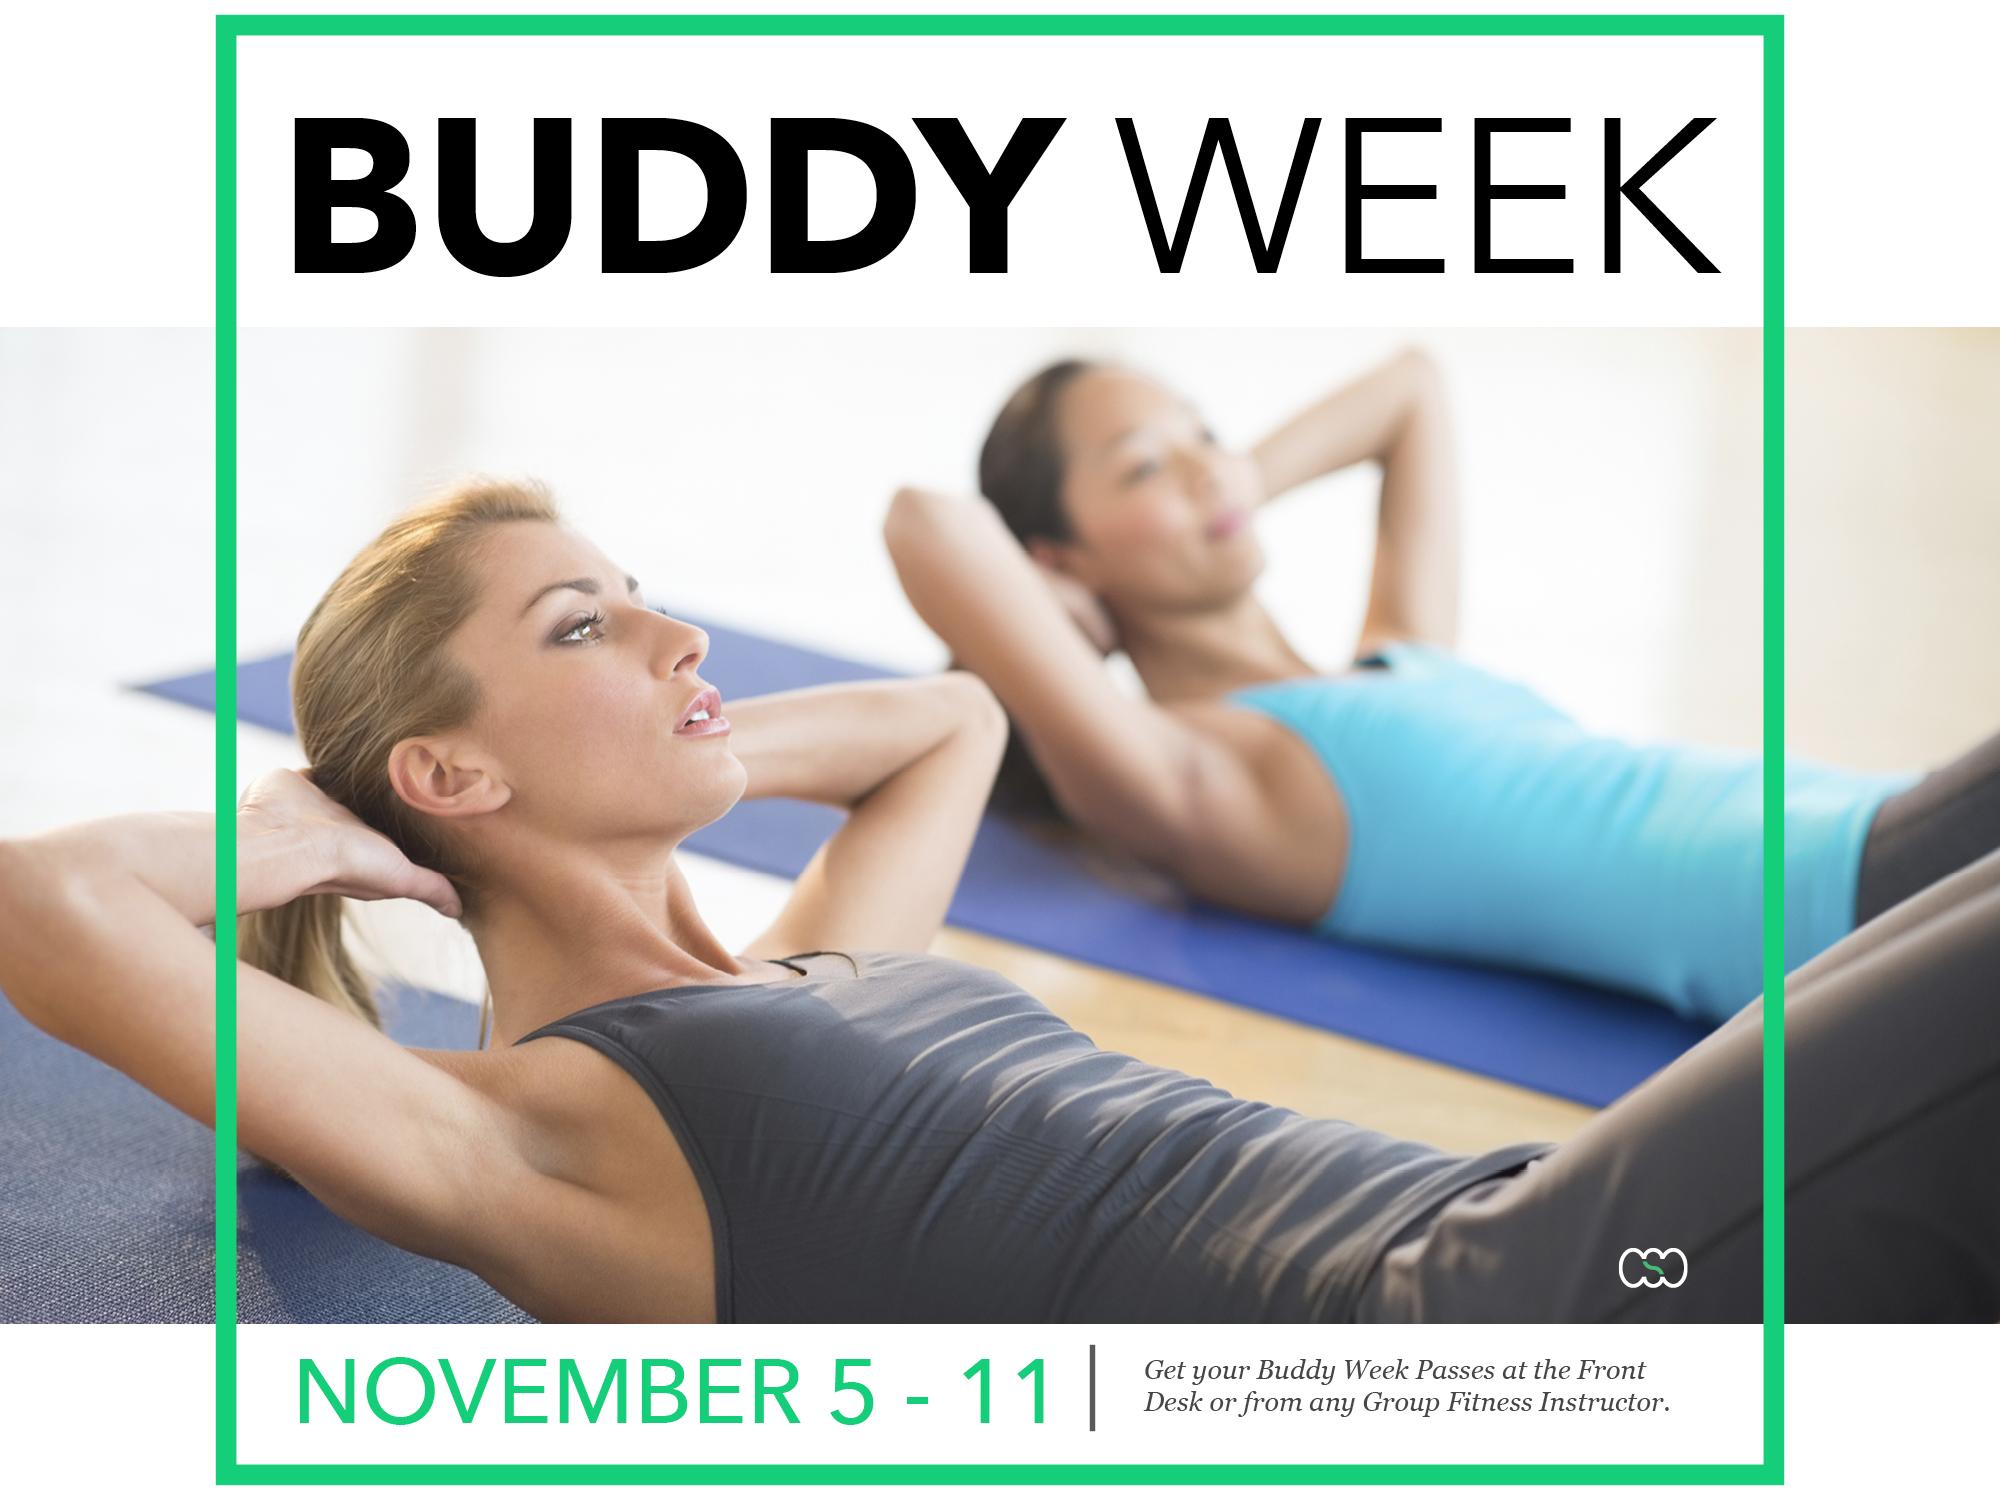 Buddy Week at CSC Nov 5-11